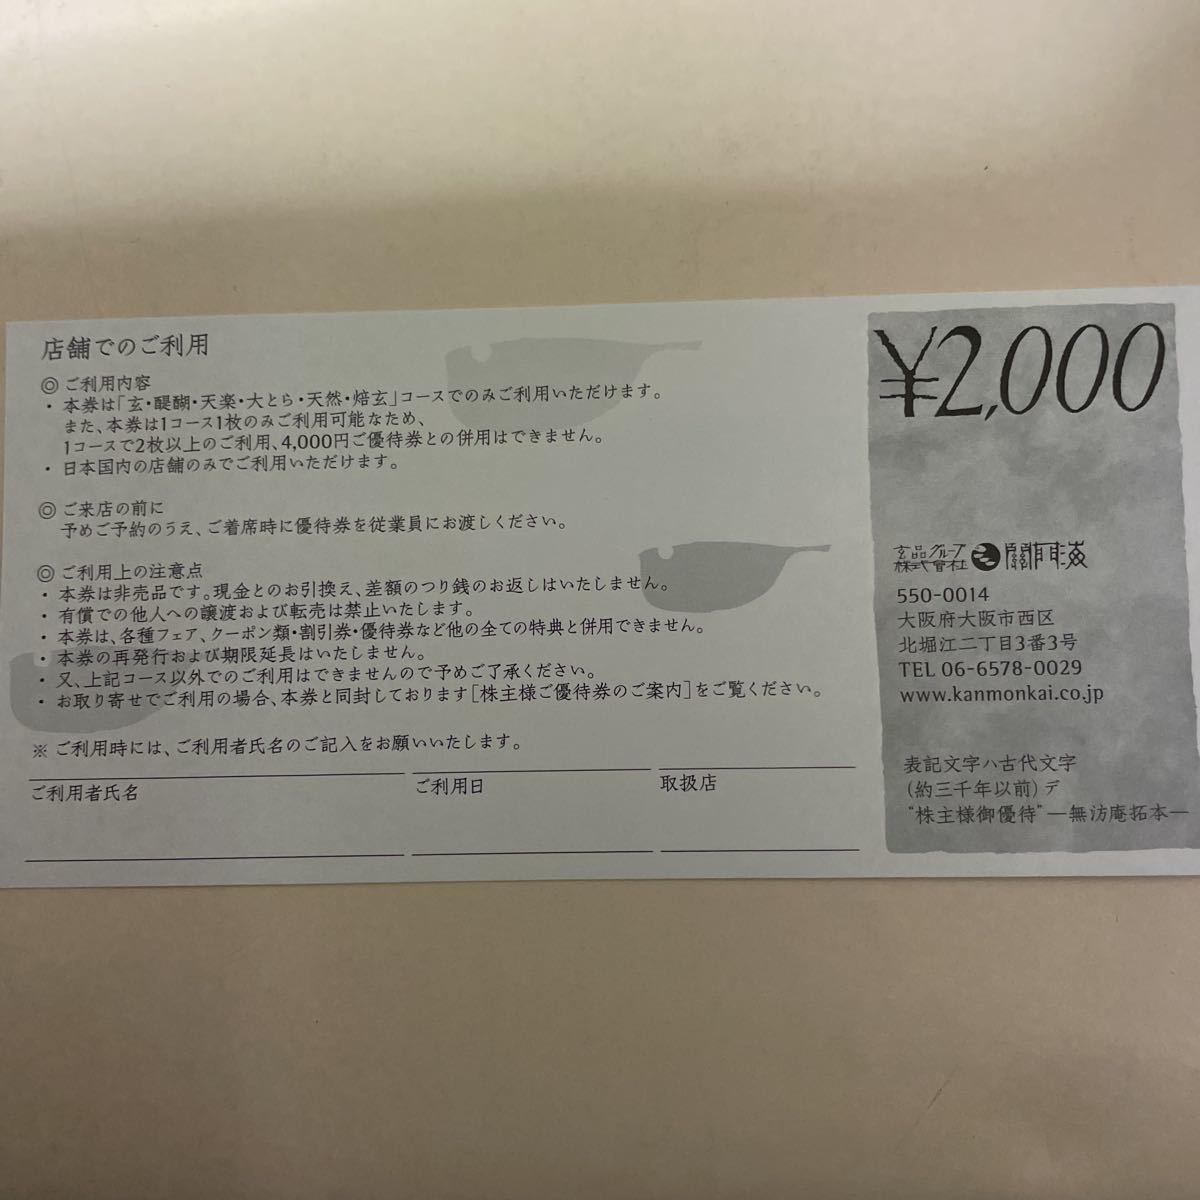 玄品 ふぐ 株主優待_画像2